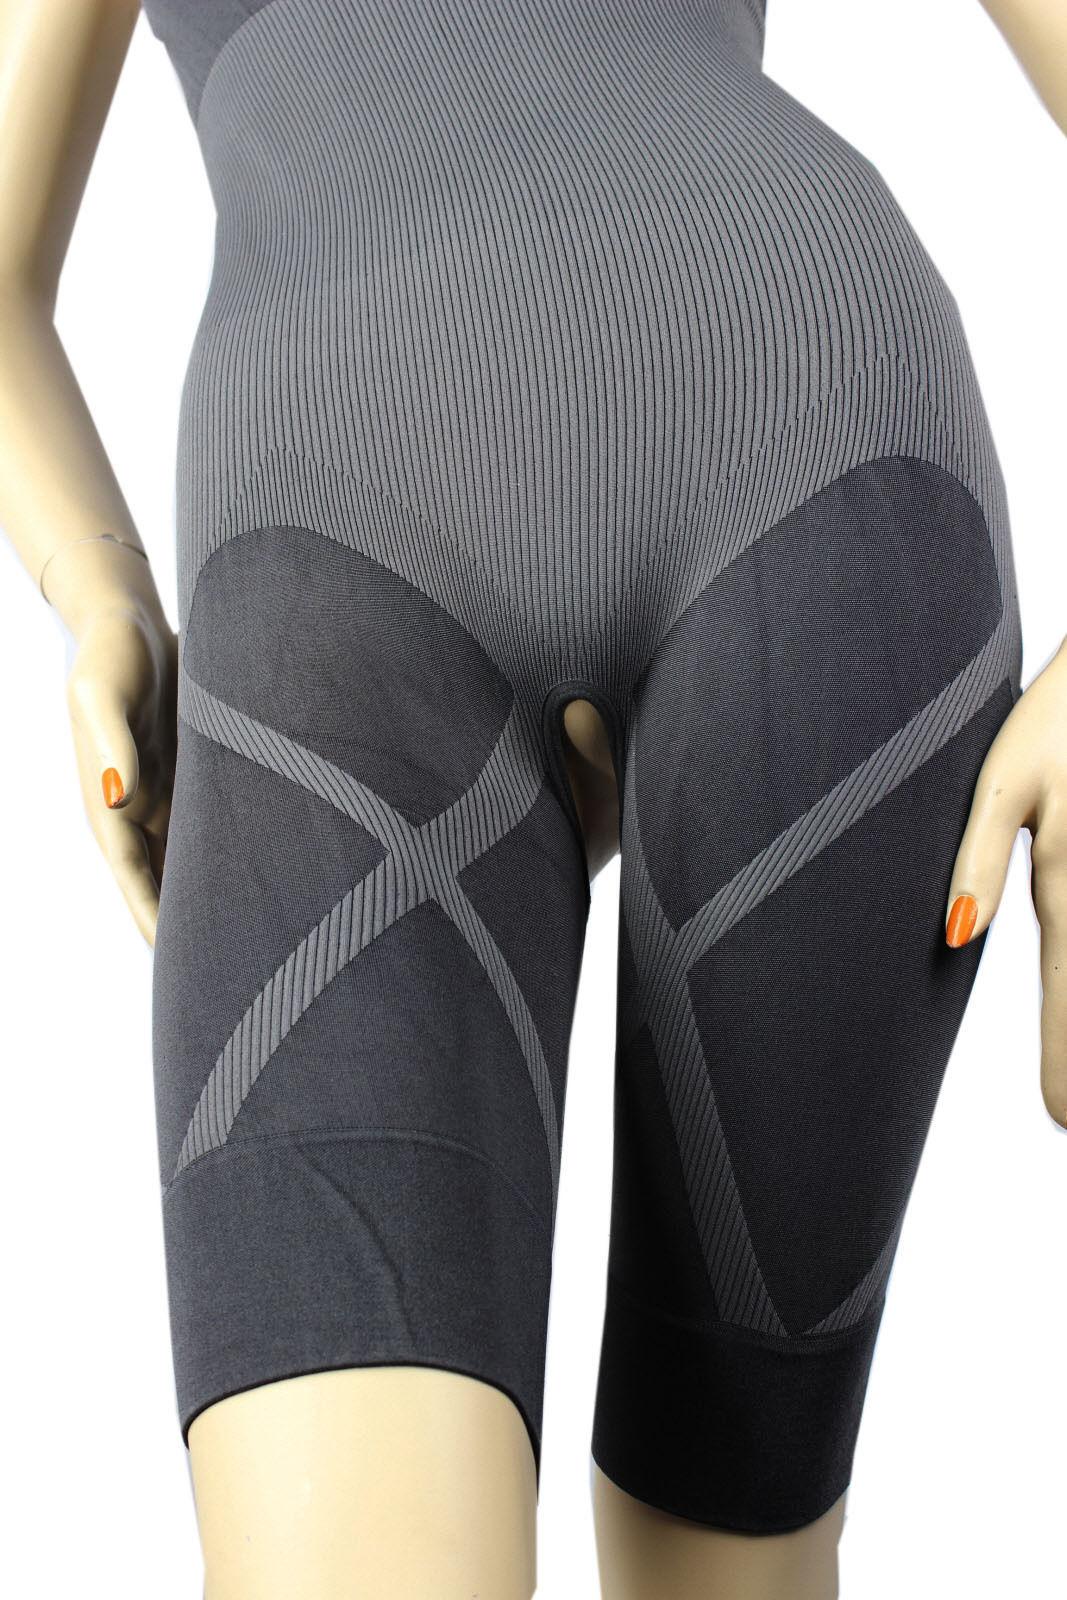 Bamboo Butt Spy Cam Porno